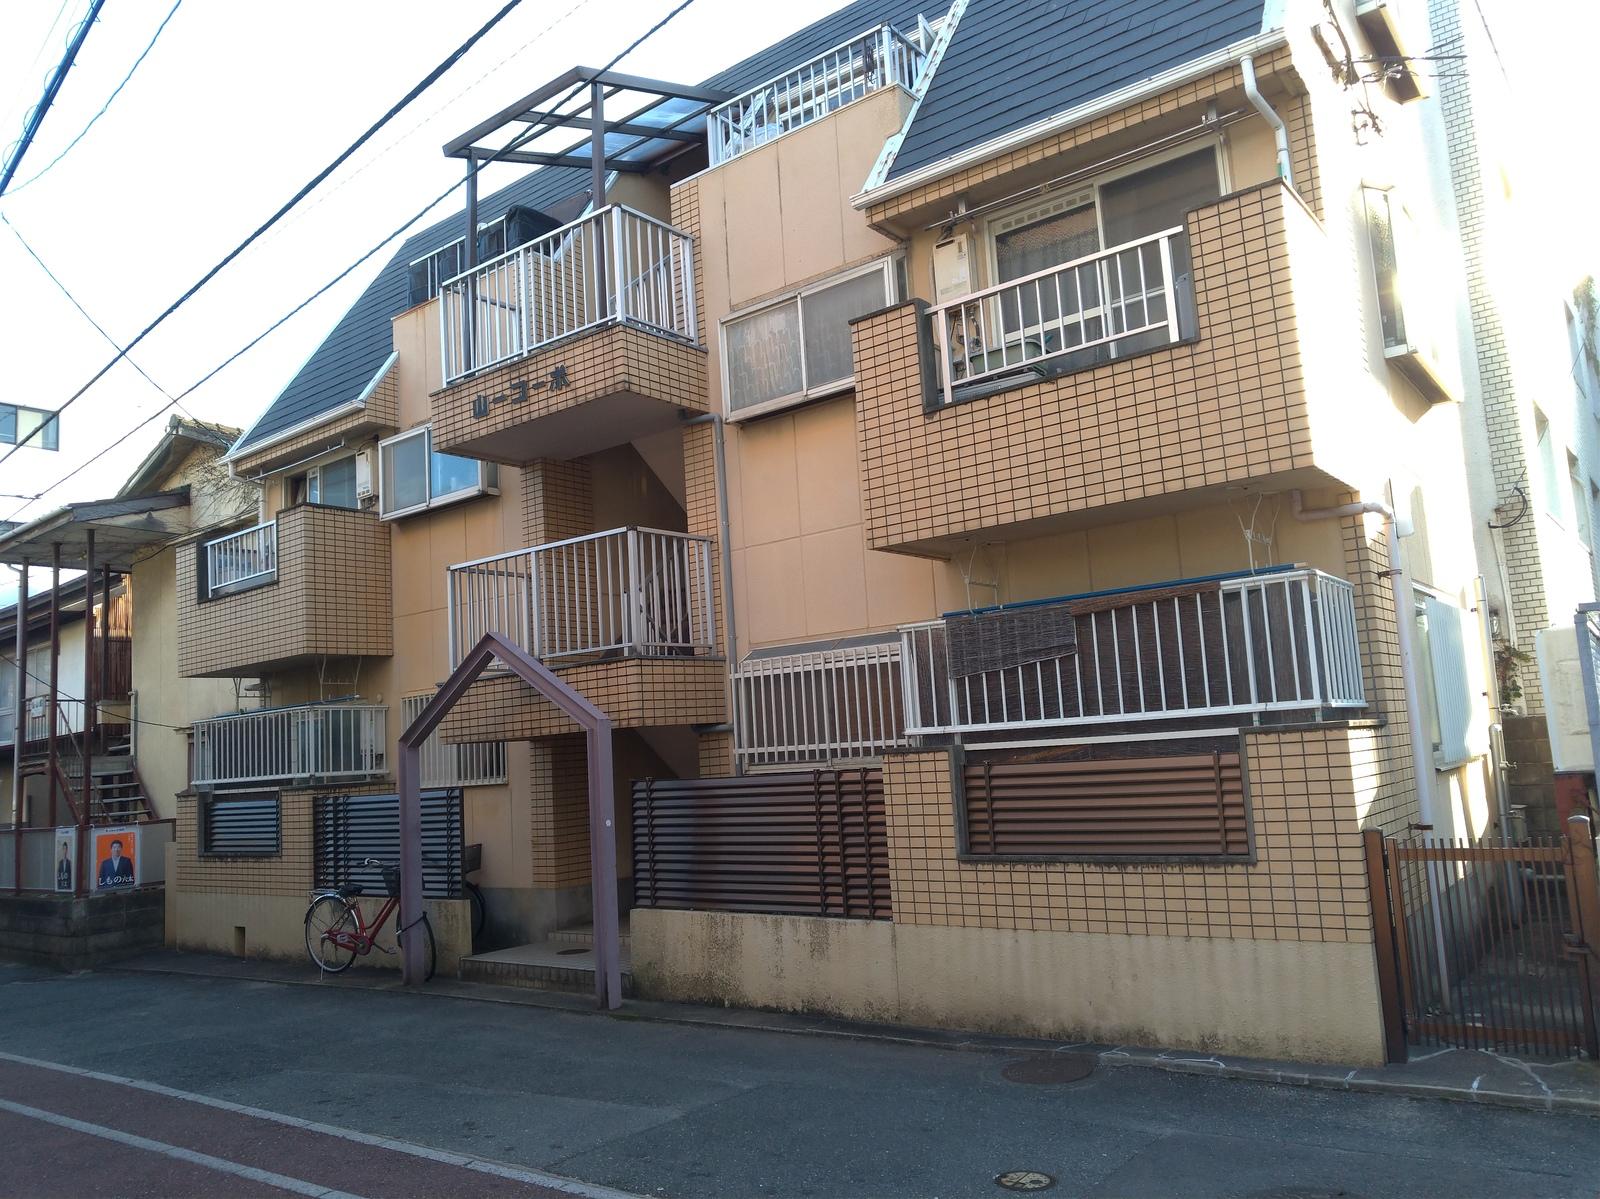 Квартира в японии купить недорого в каком районе дубай лучше жить